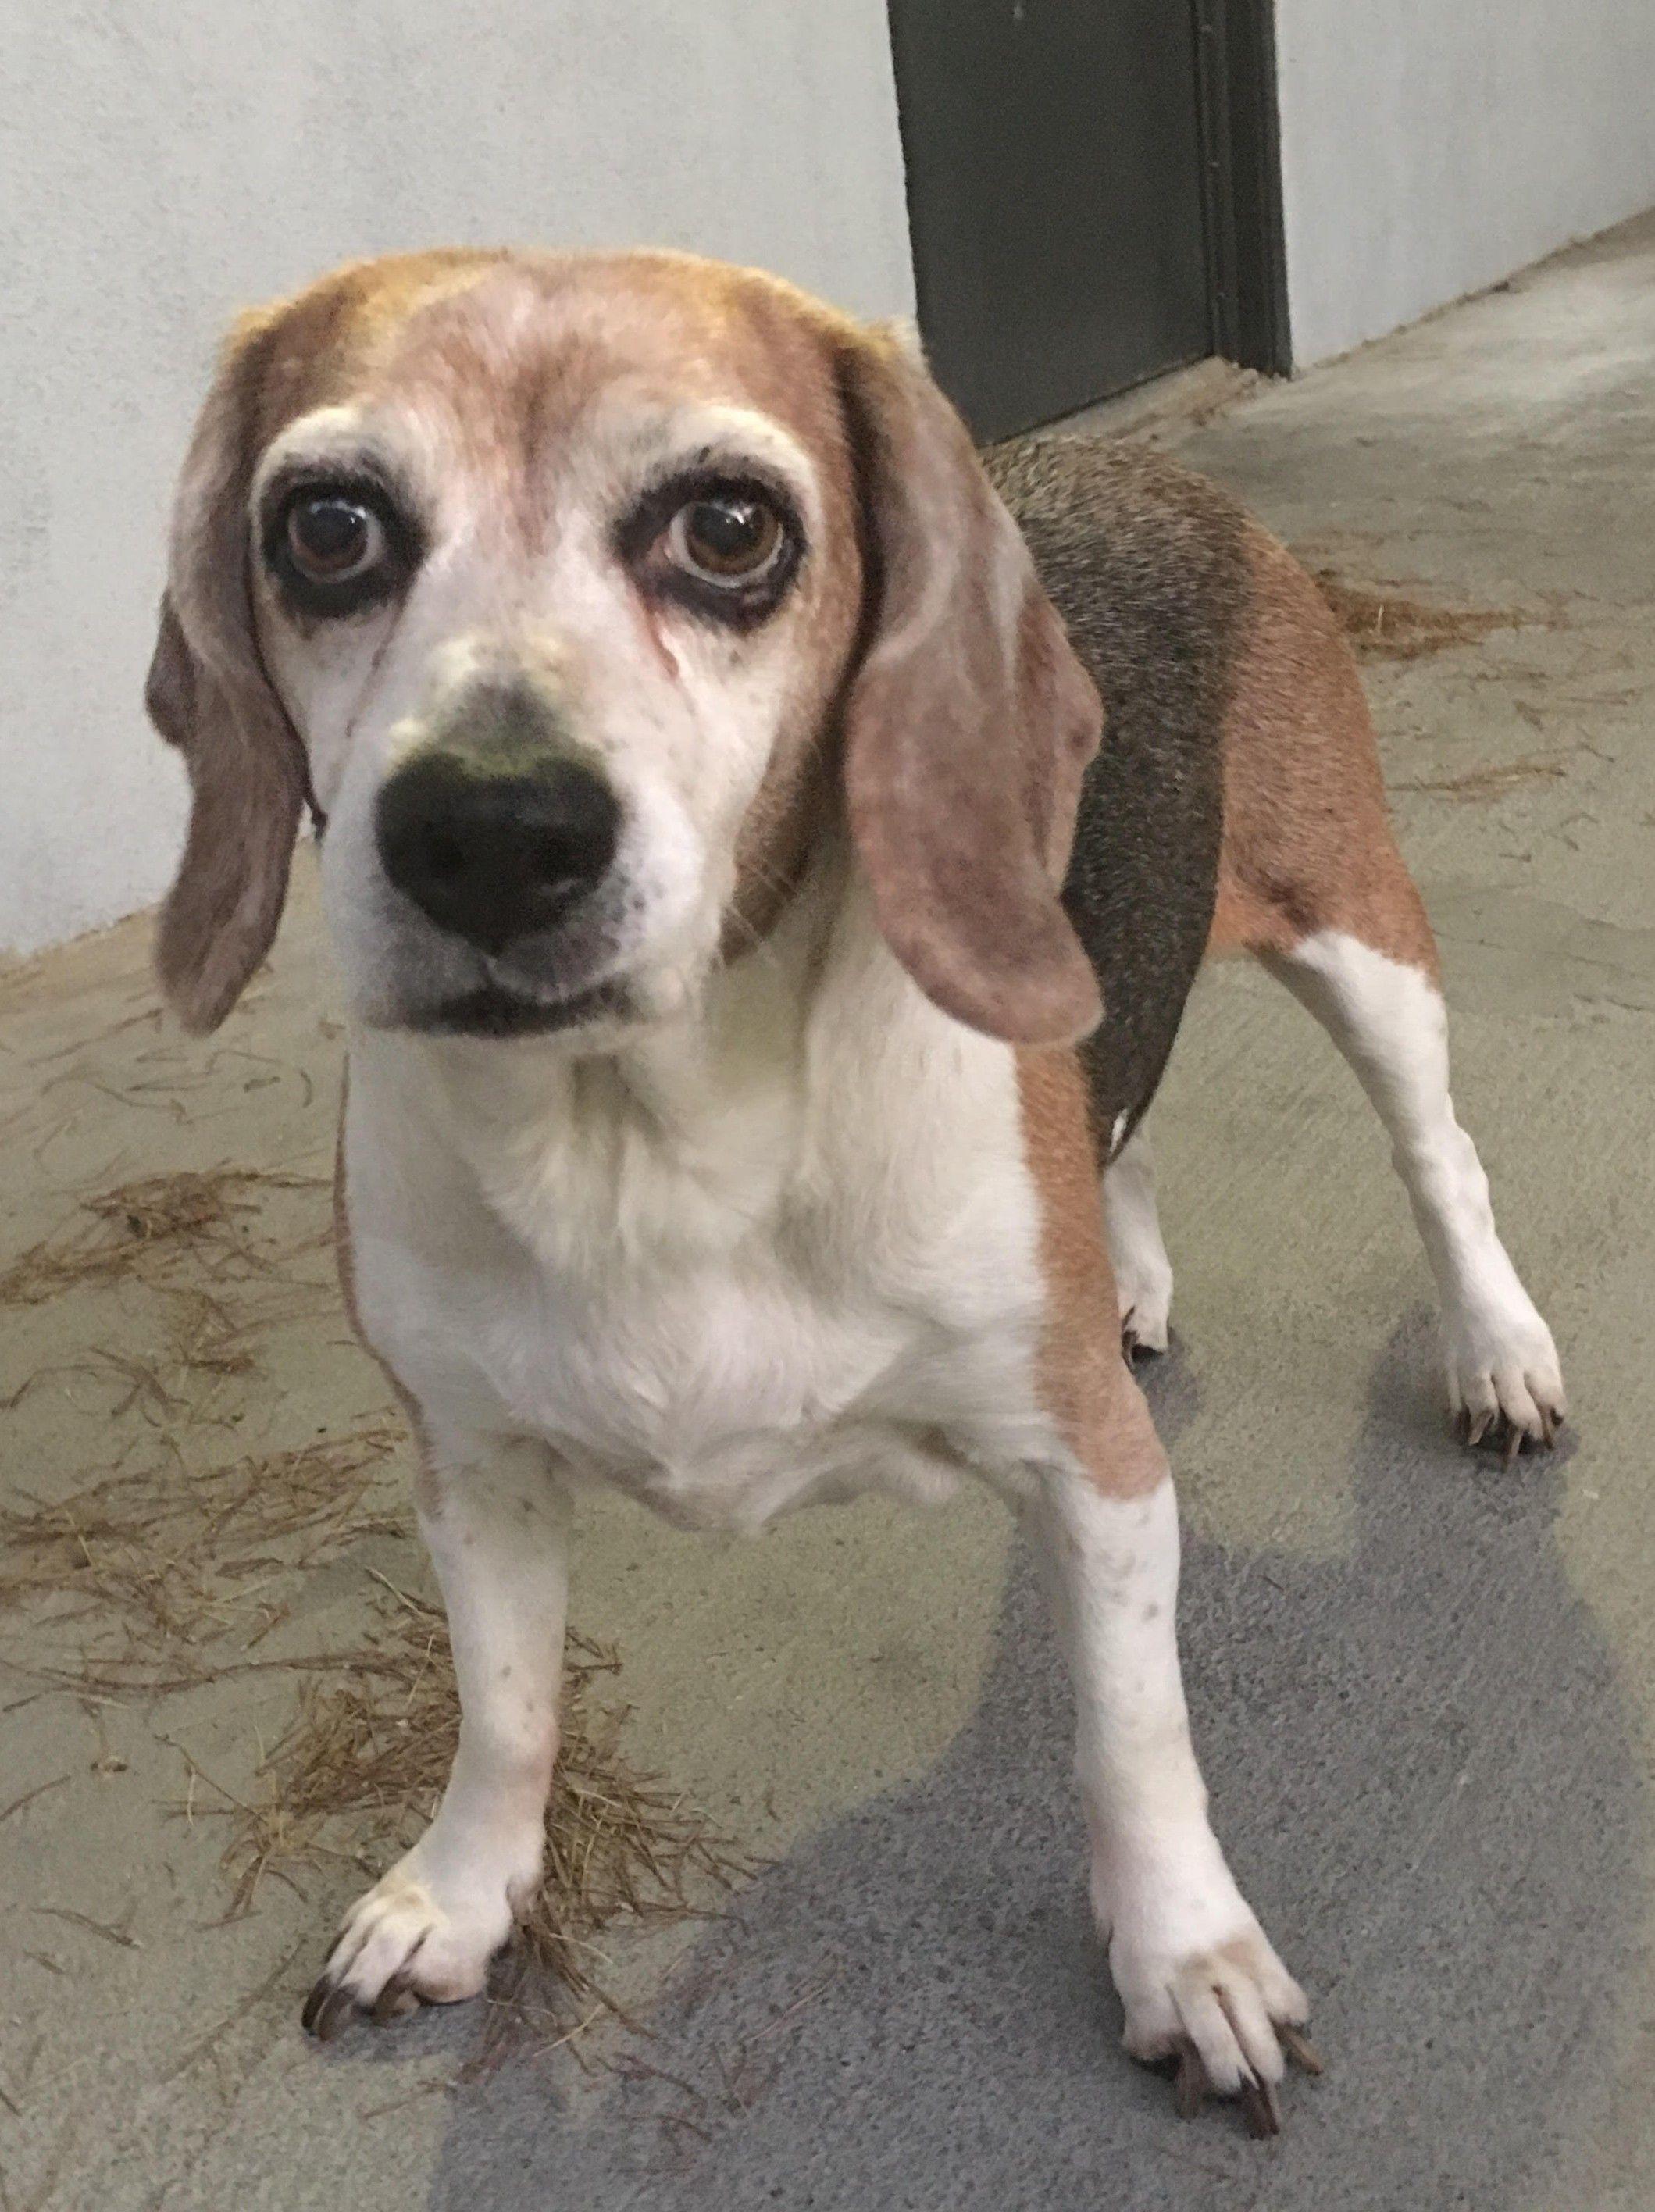 Beagle Dog For Adoption In Las Vegas Nv Adn 420730 On Puppyfinder Com Gender Female Age Senior Dog Adoption Beagle Dog Beagle